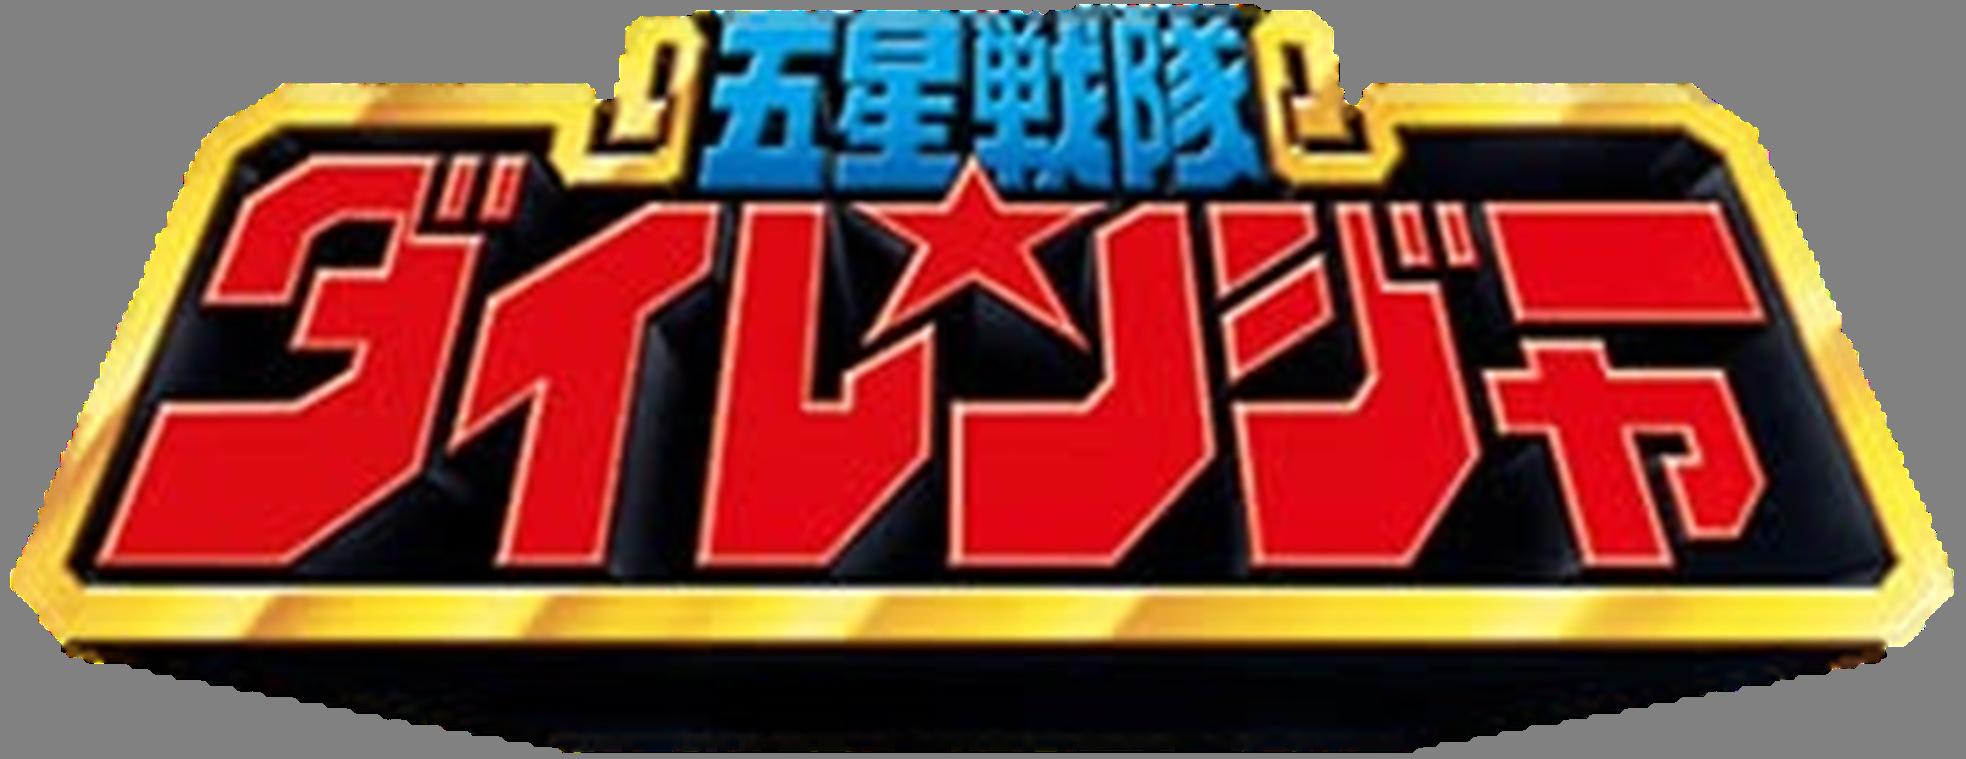 五星戦隊ダイレンジャー タイトルロゴ